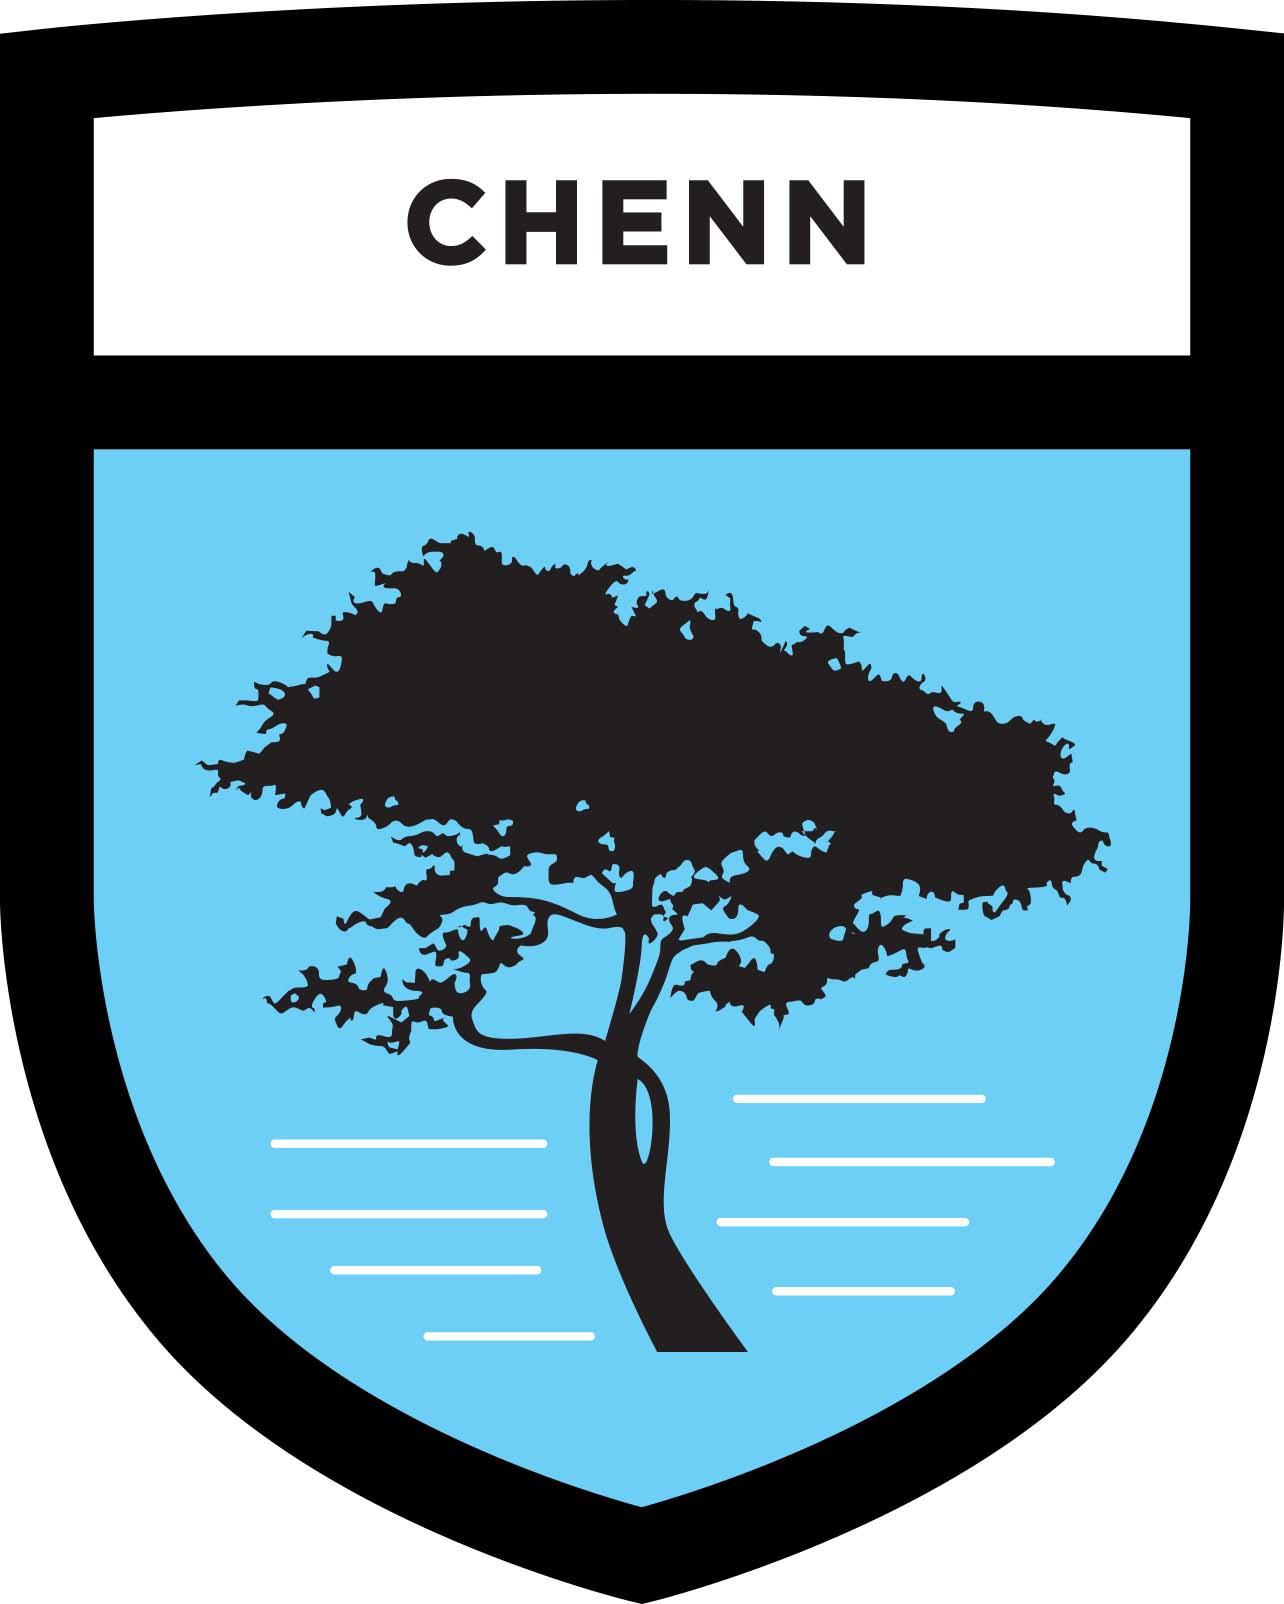 Chenn Shield